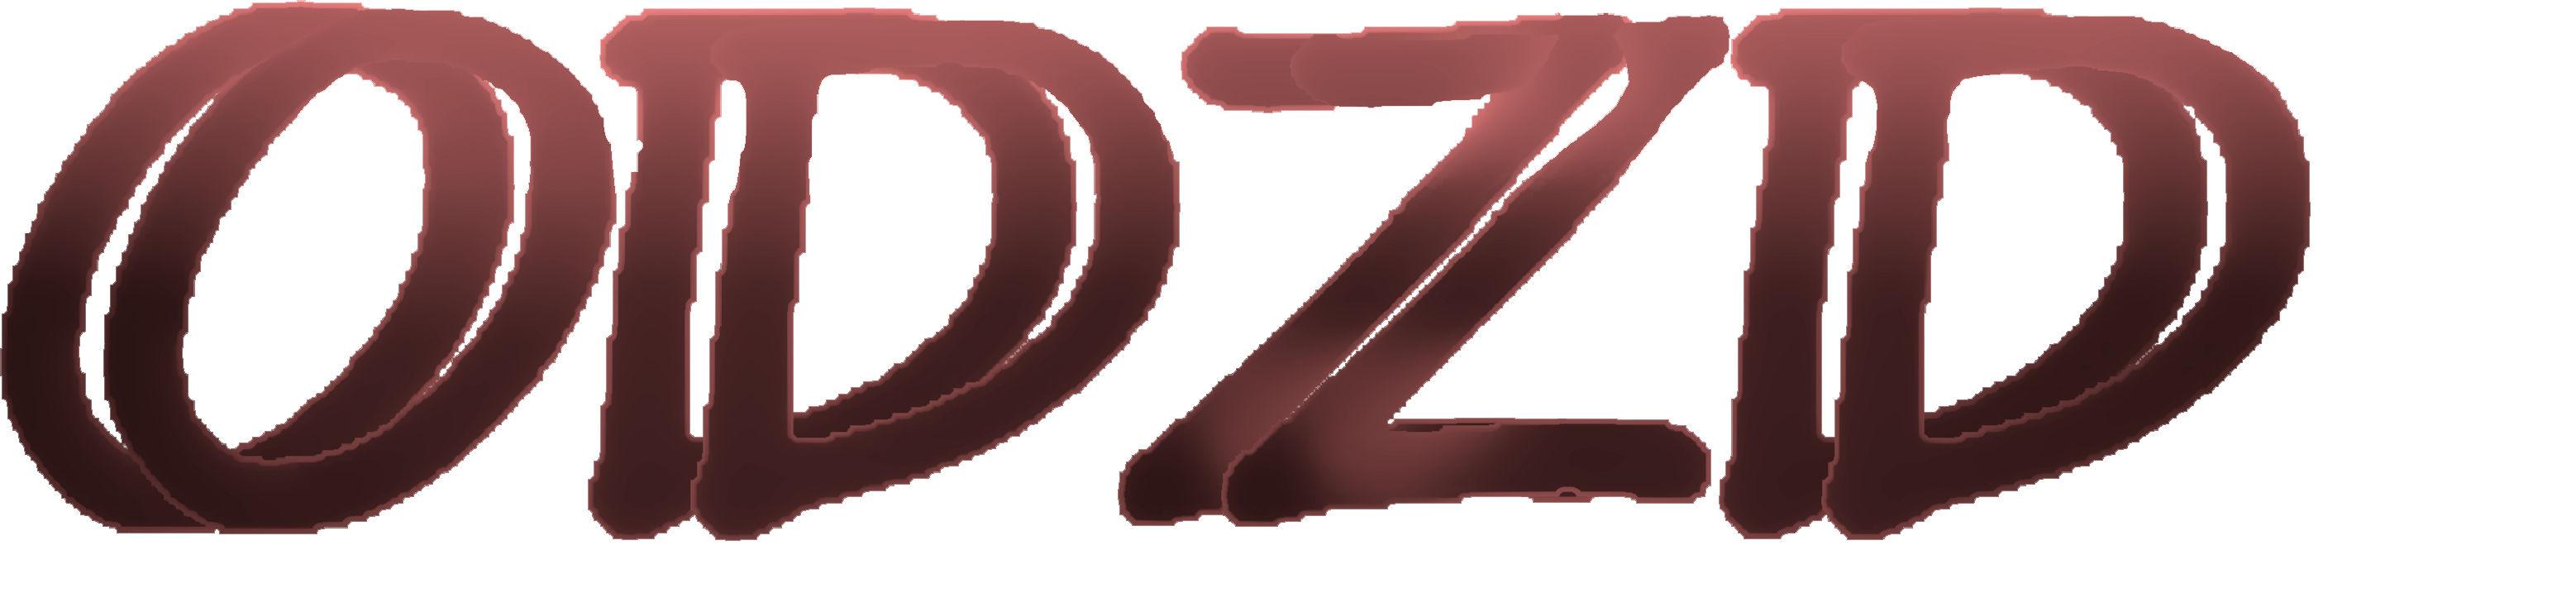 Odezza Design's Signature